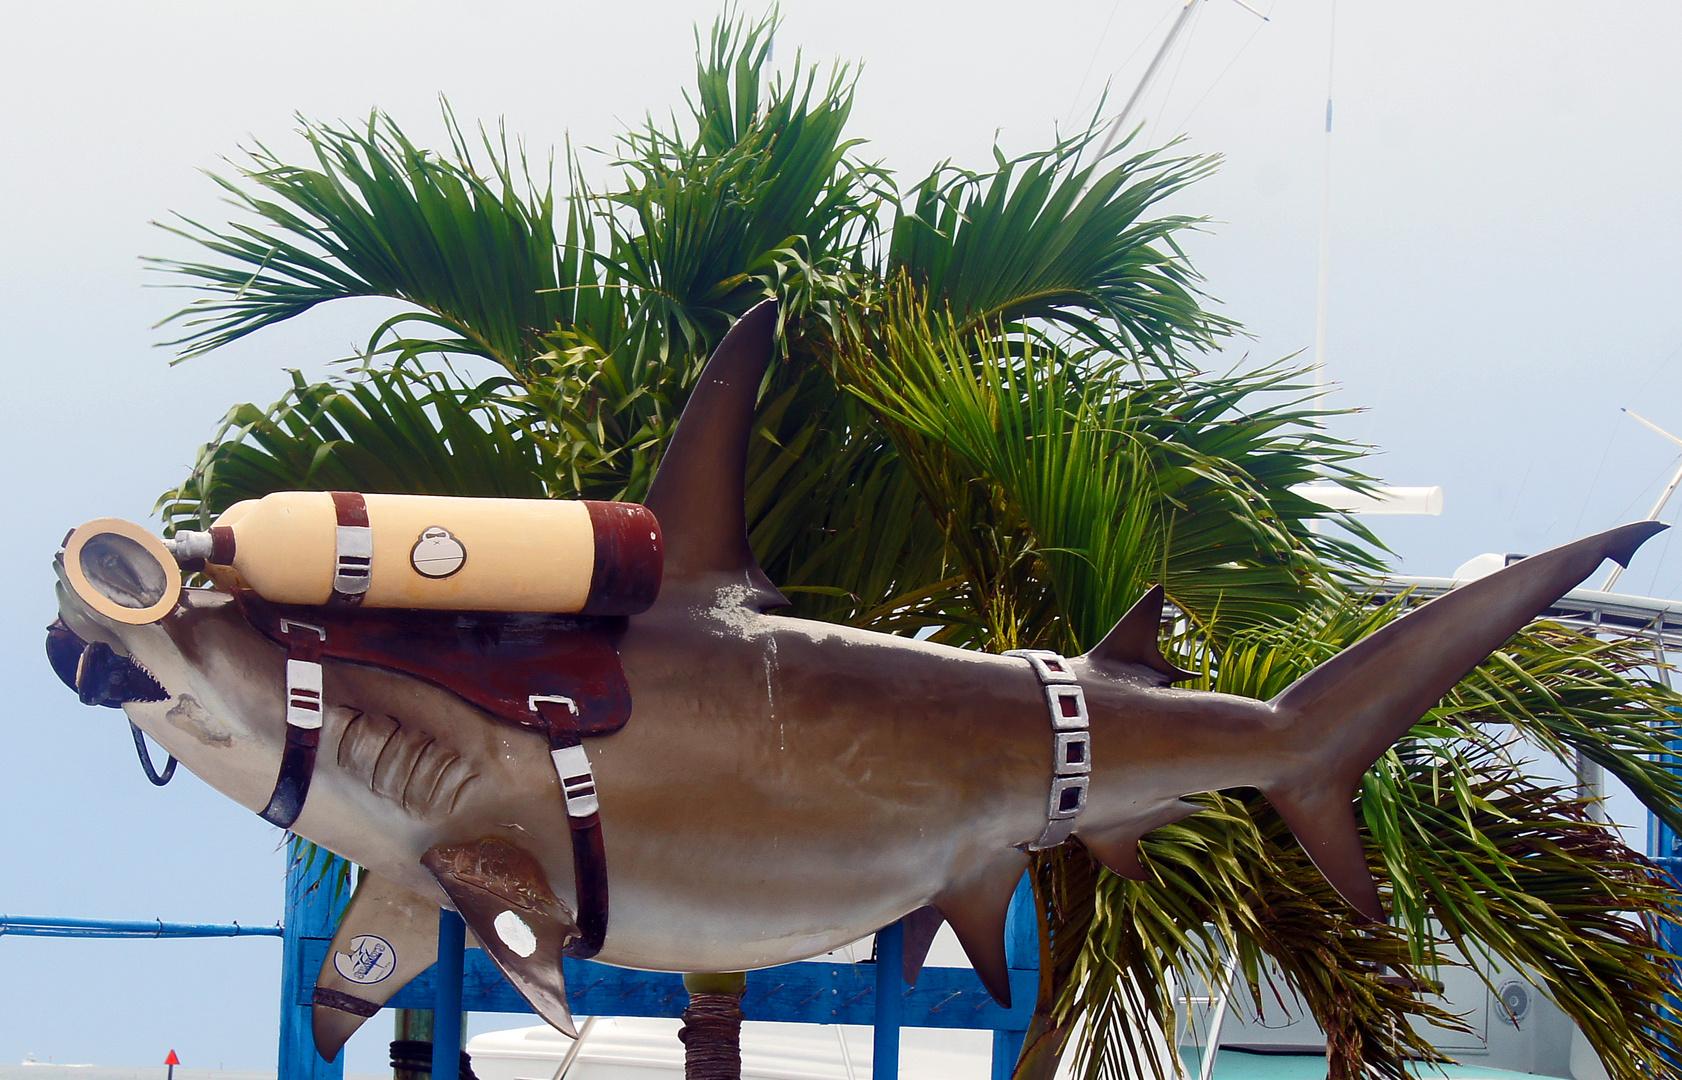 Sharkdiver